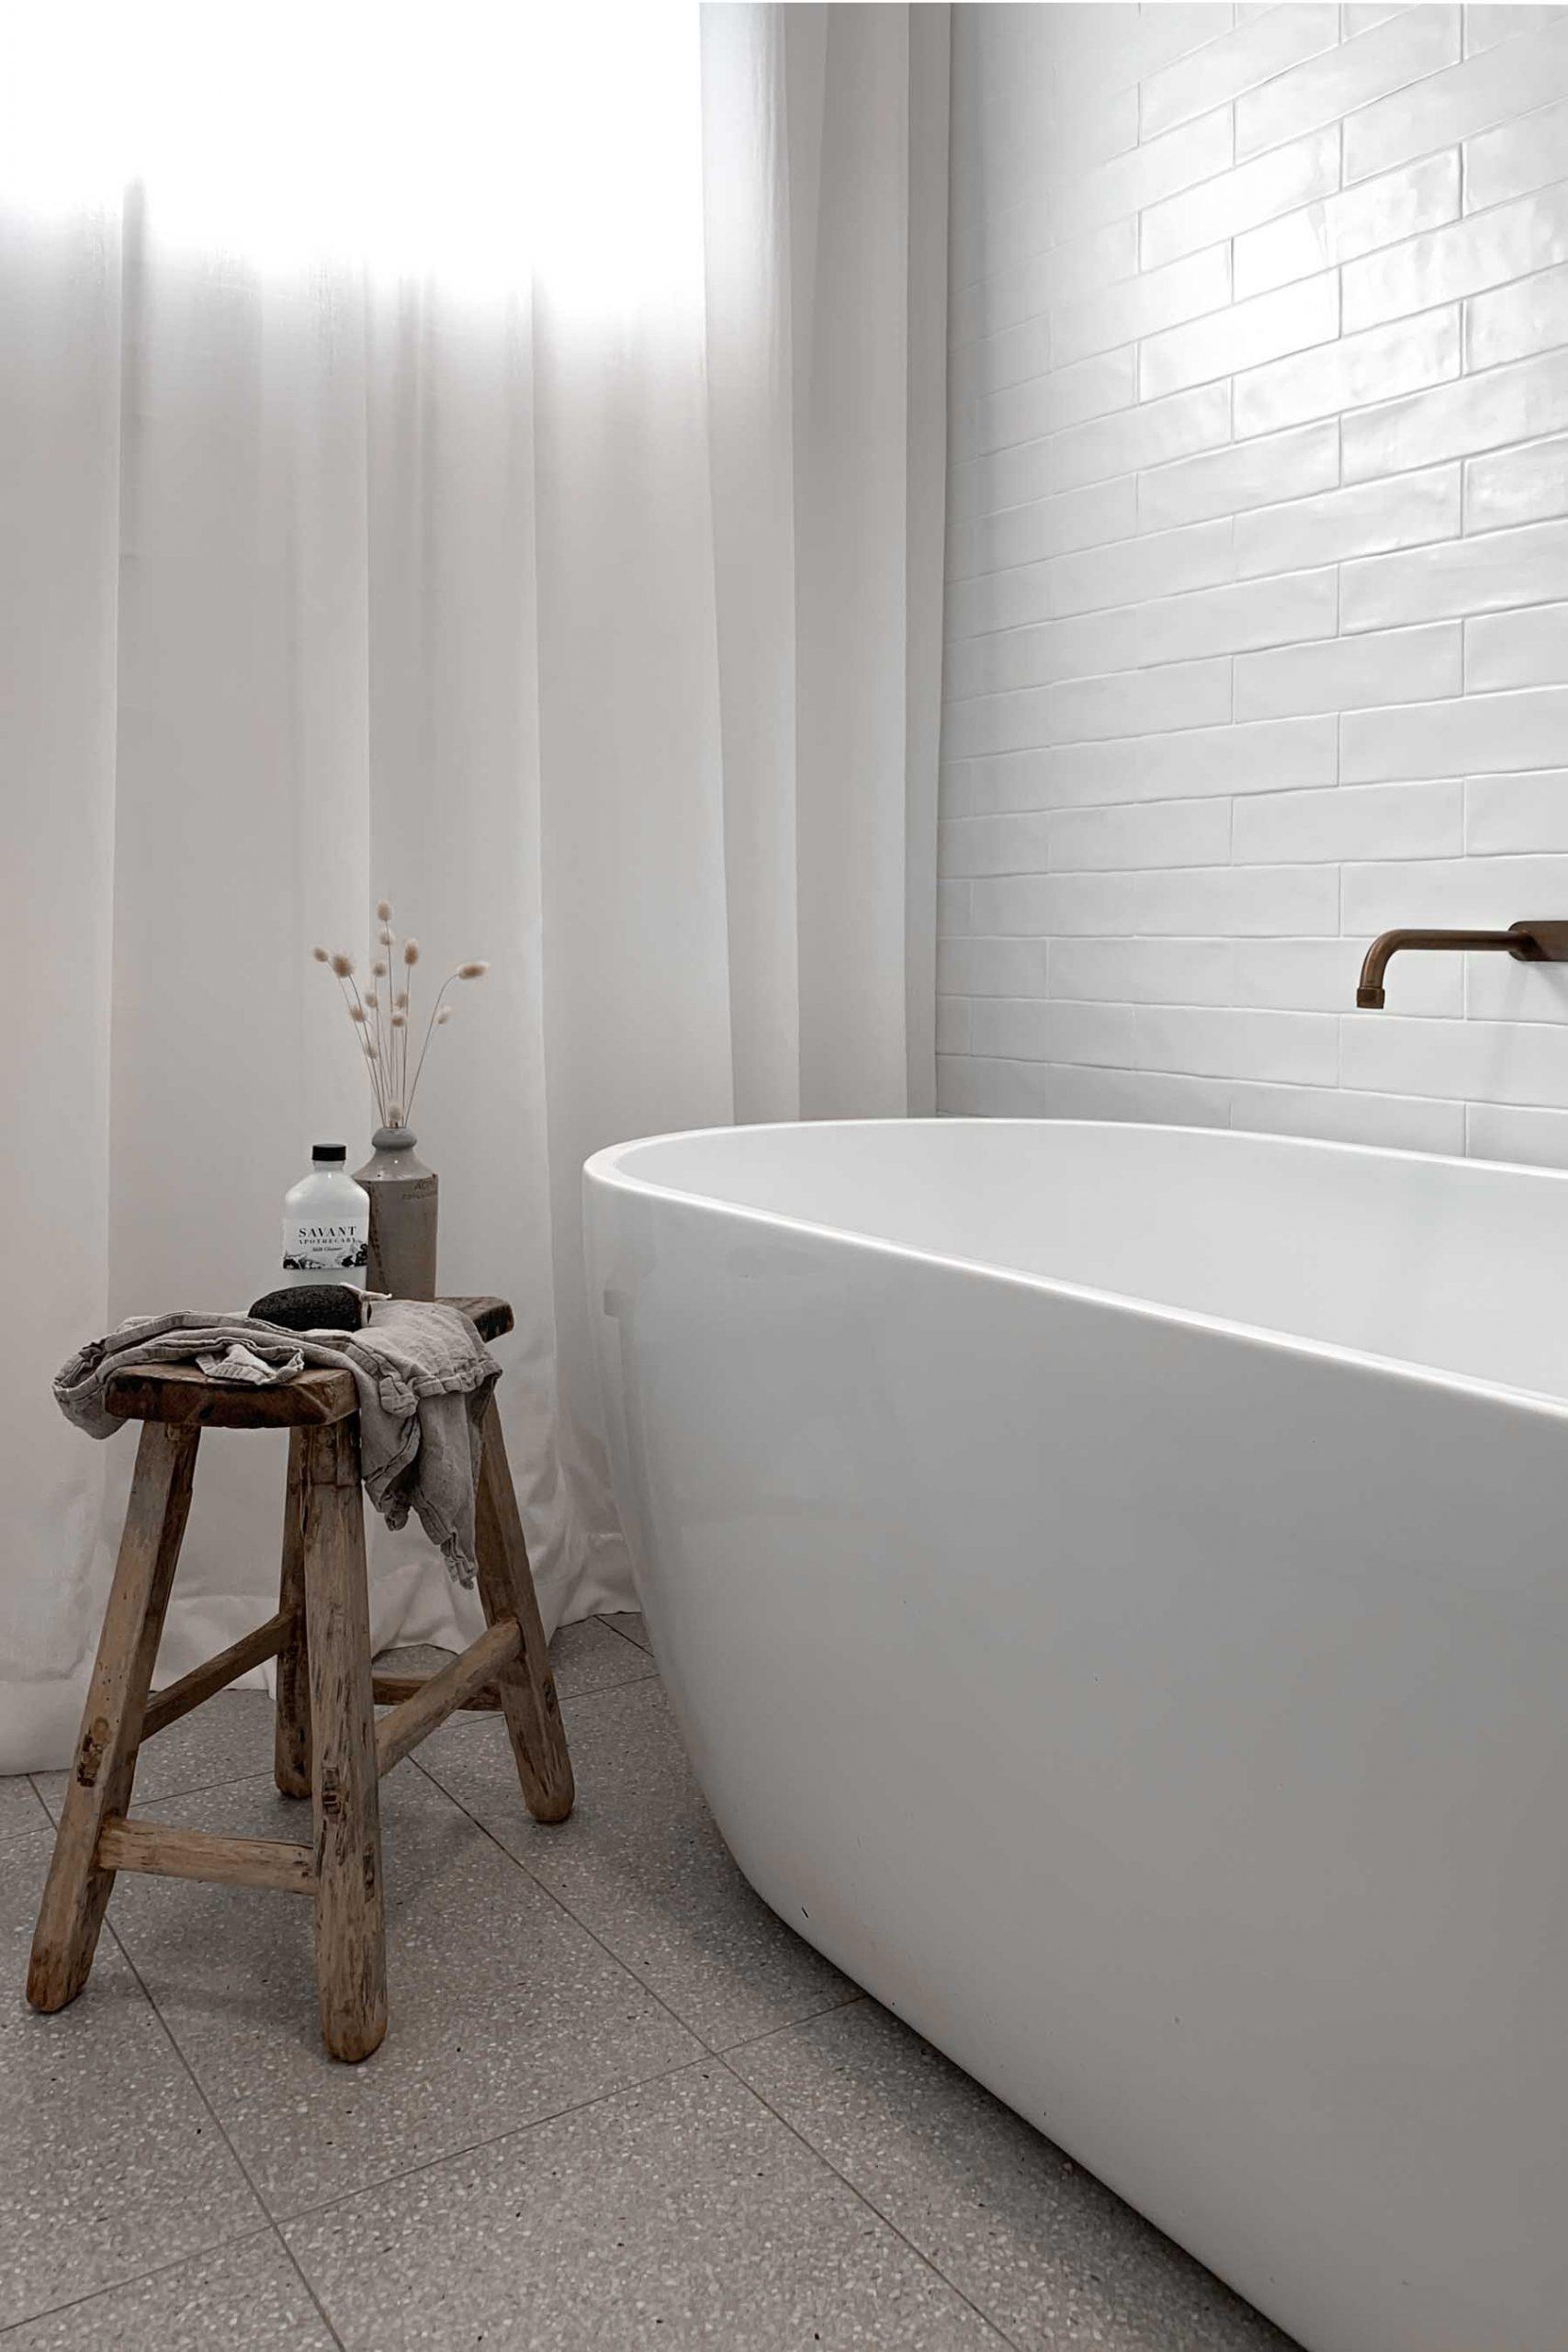 Minimalist bathroom with curtains